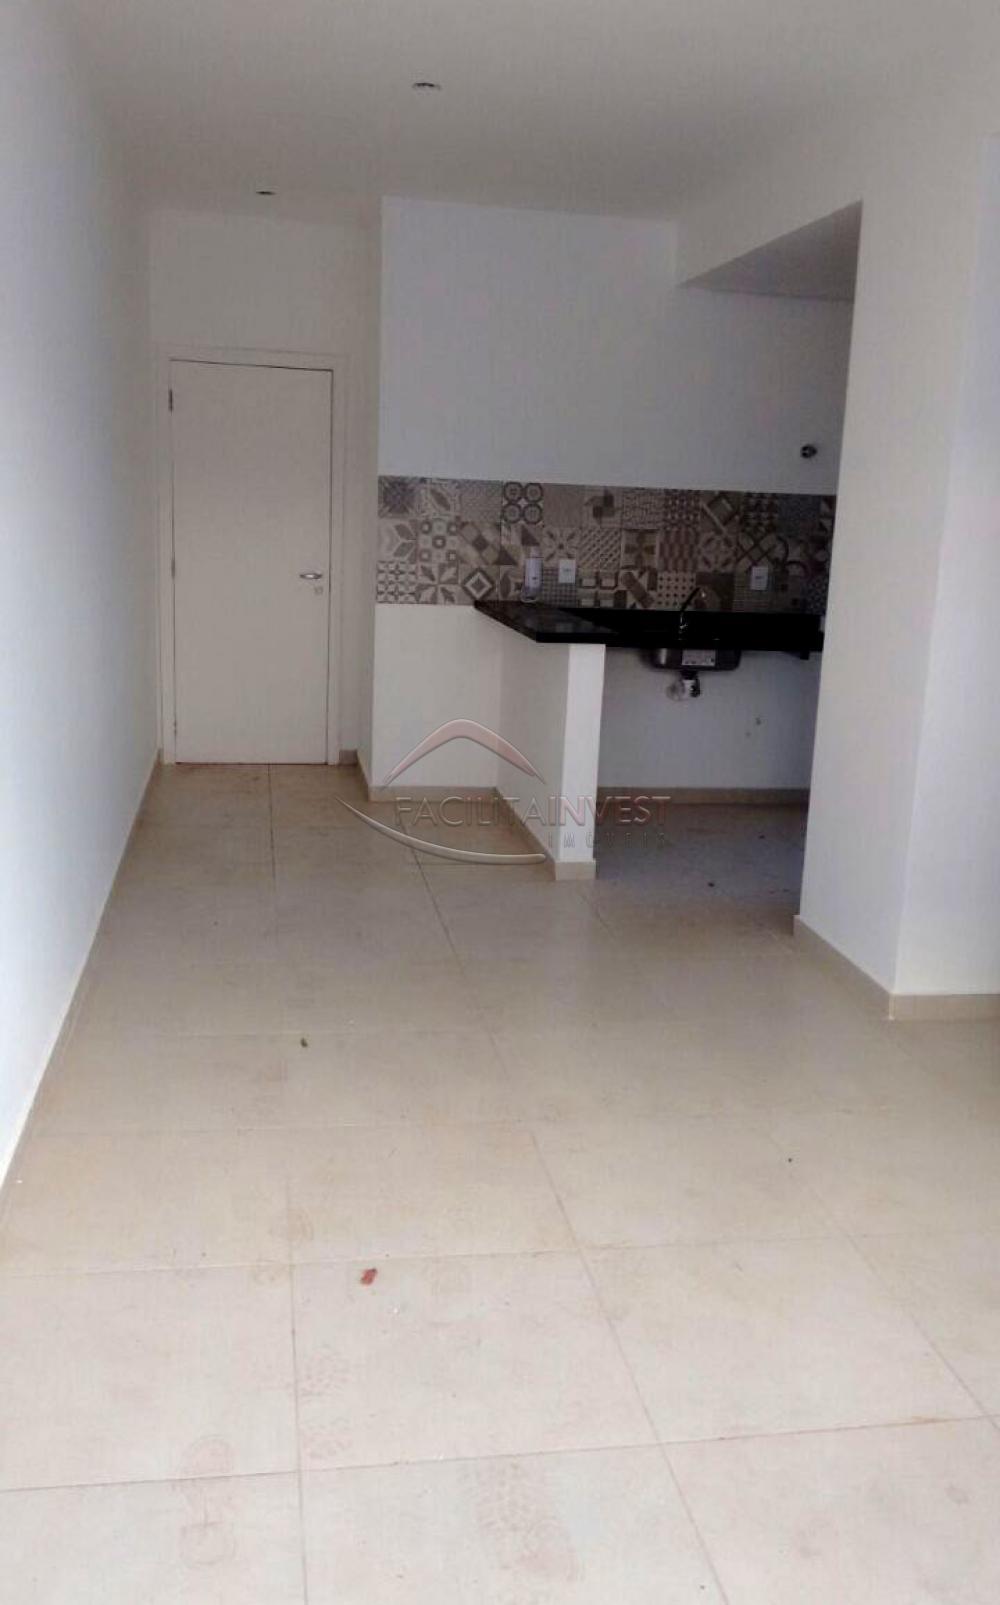 Comprar Apartamentos / Apart. Padrão em Ribeirão Preto apenas R$ 287.000,00 - Foto 3